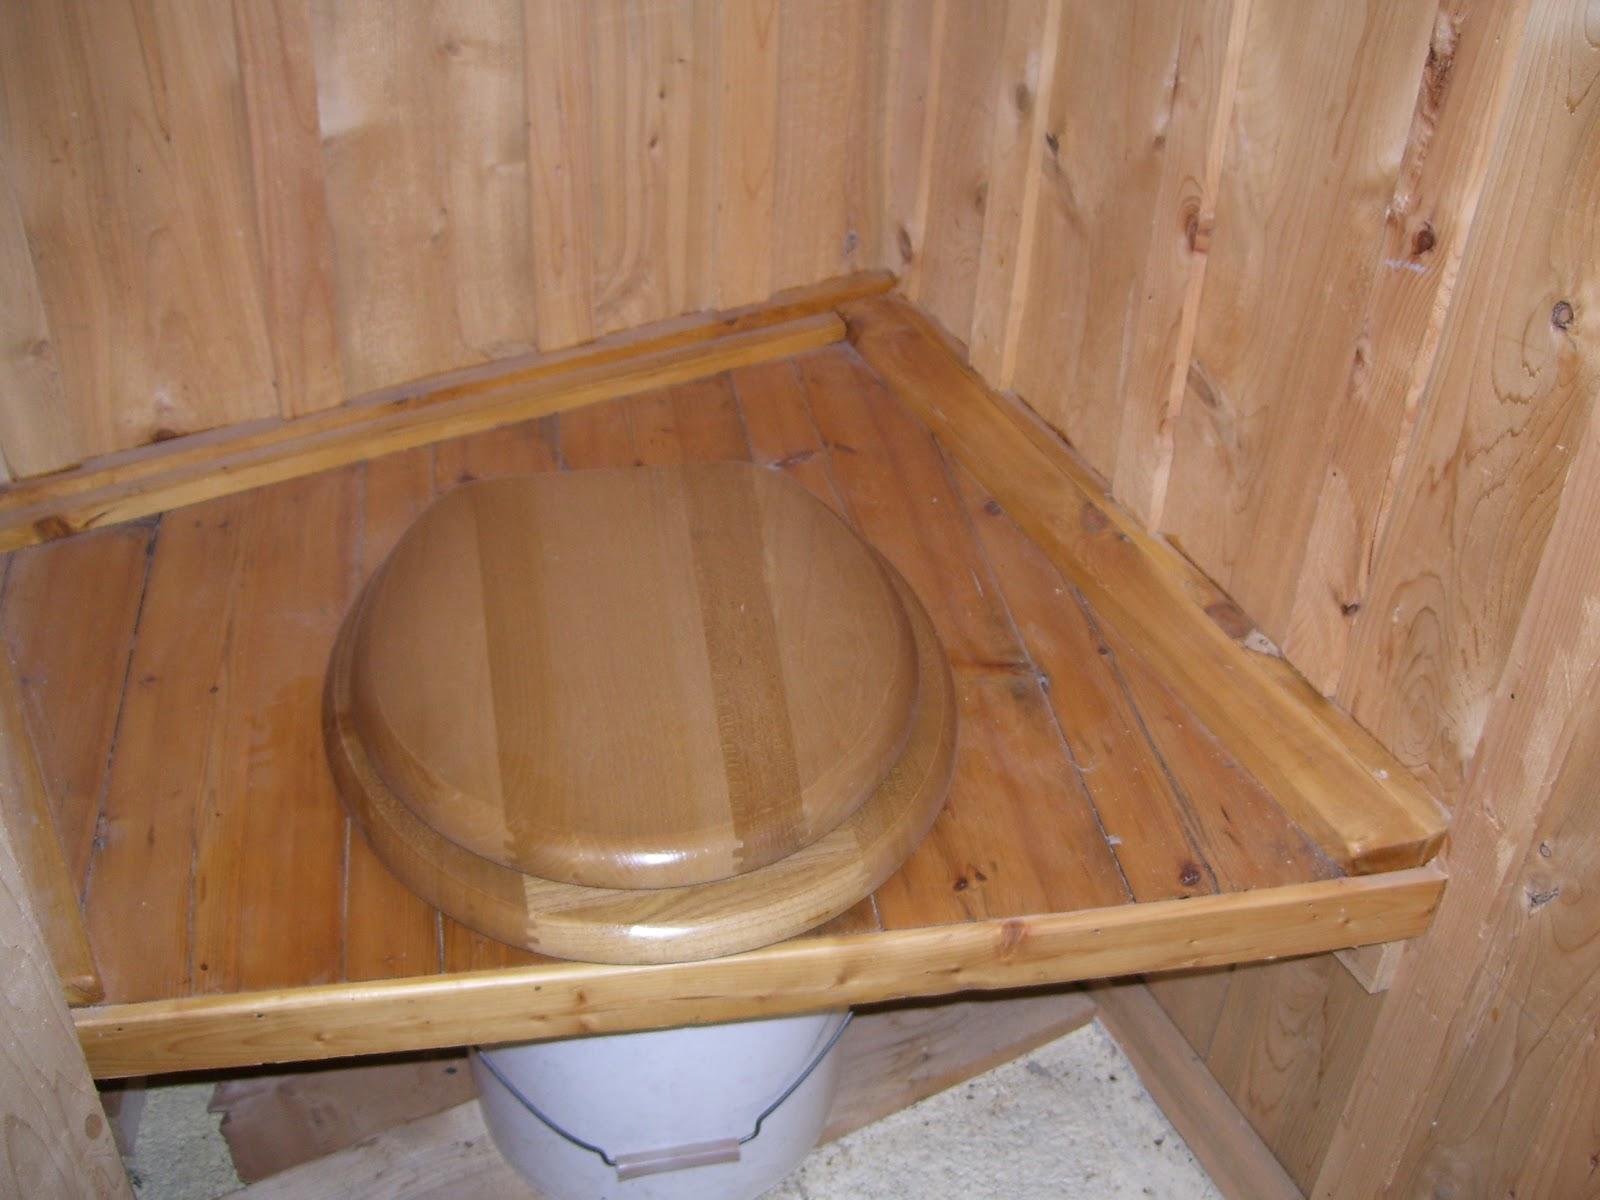 Un Toilette Ou Une Toilette au temps perdu: les compolettes